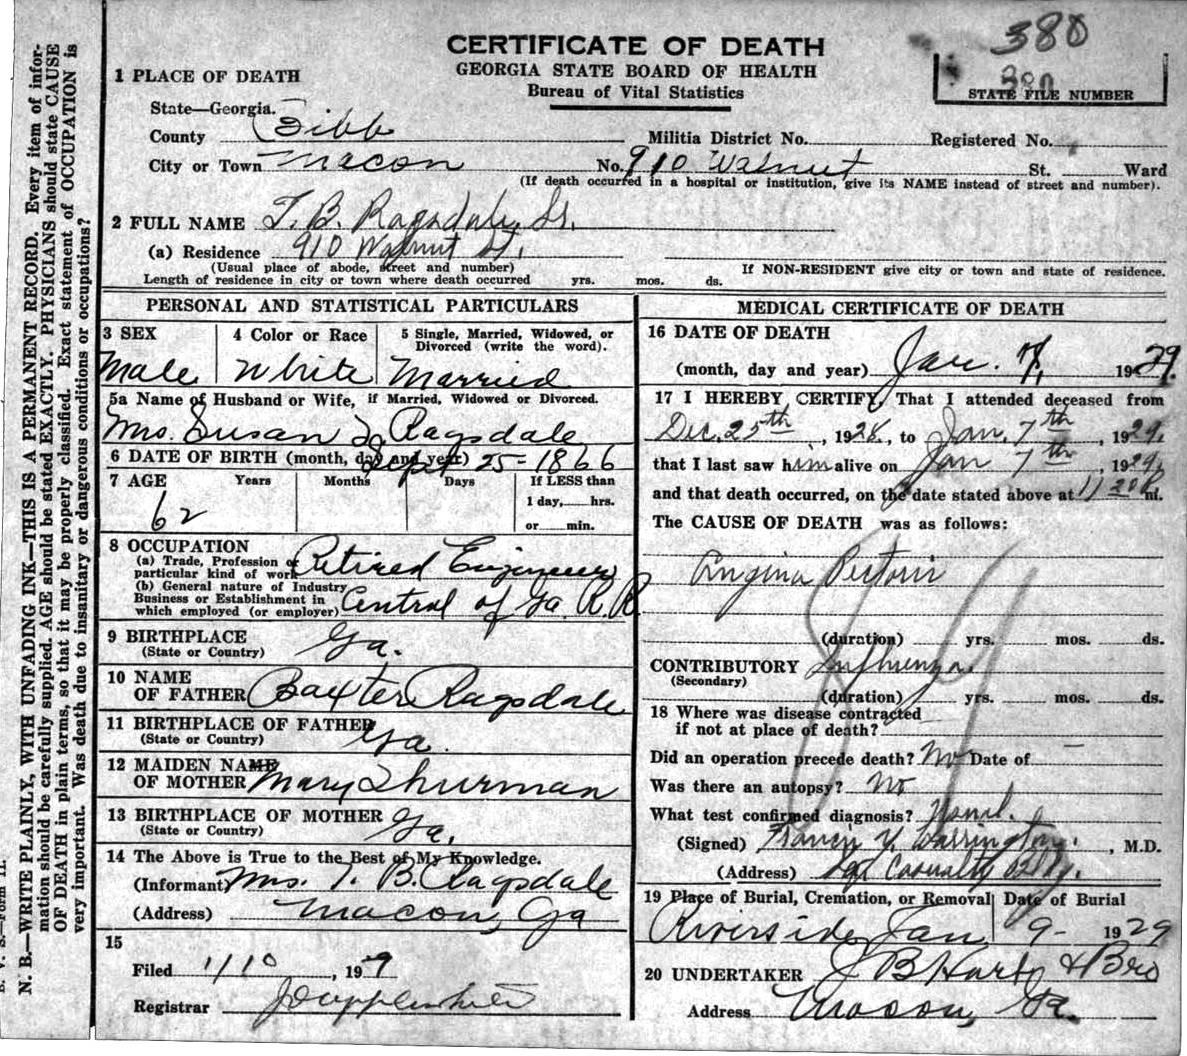 Georgia Vital Statistics Death Certificate Best Design Sertificate